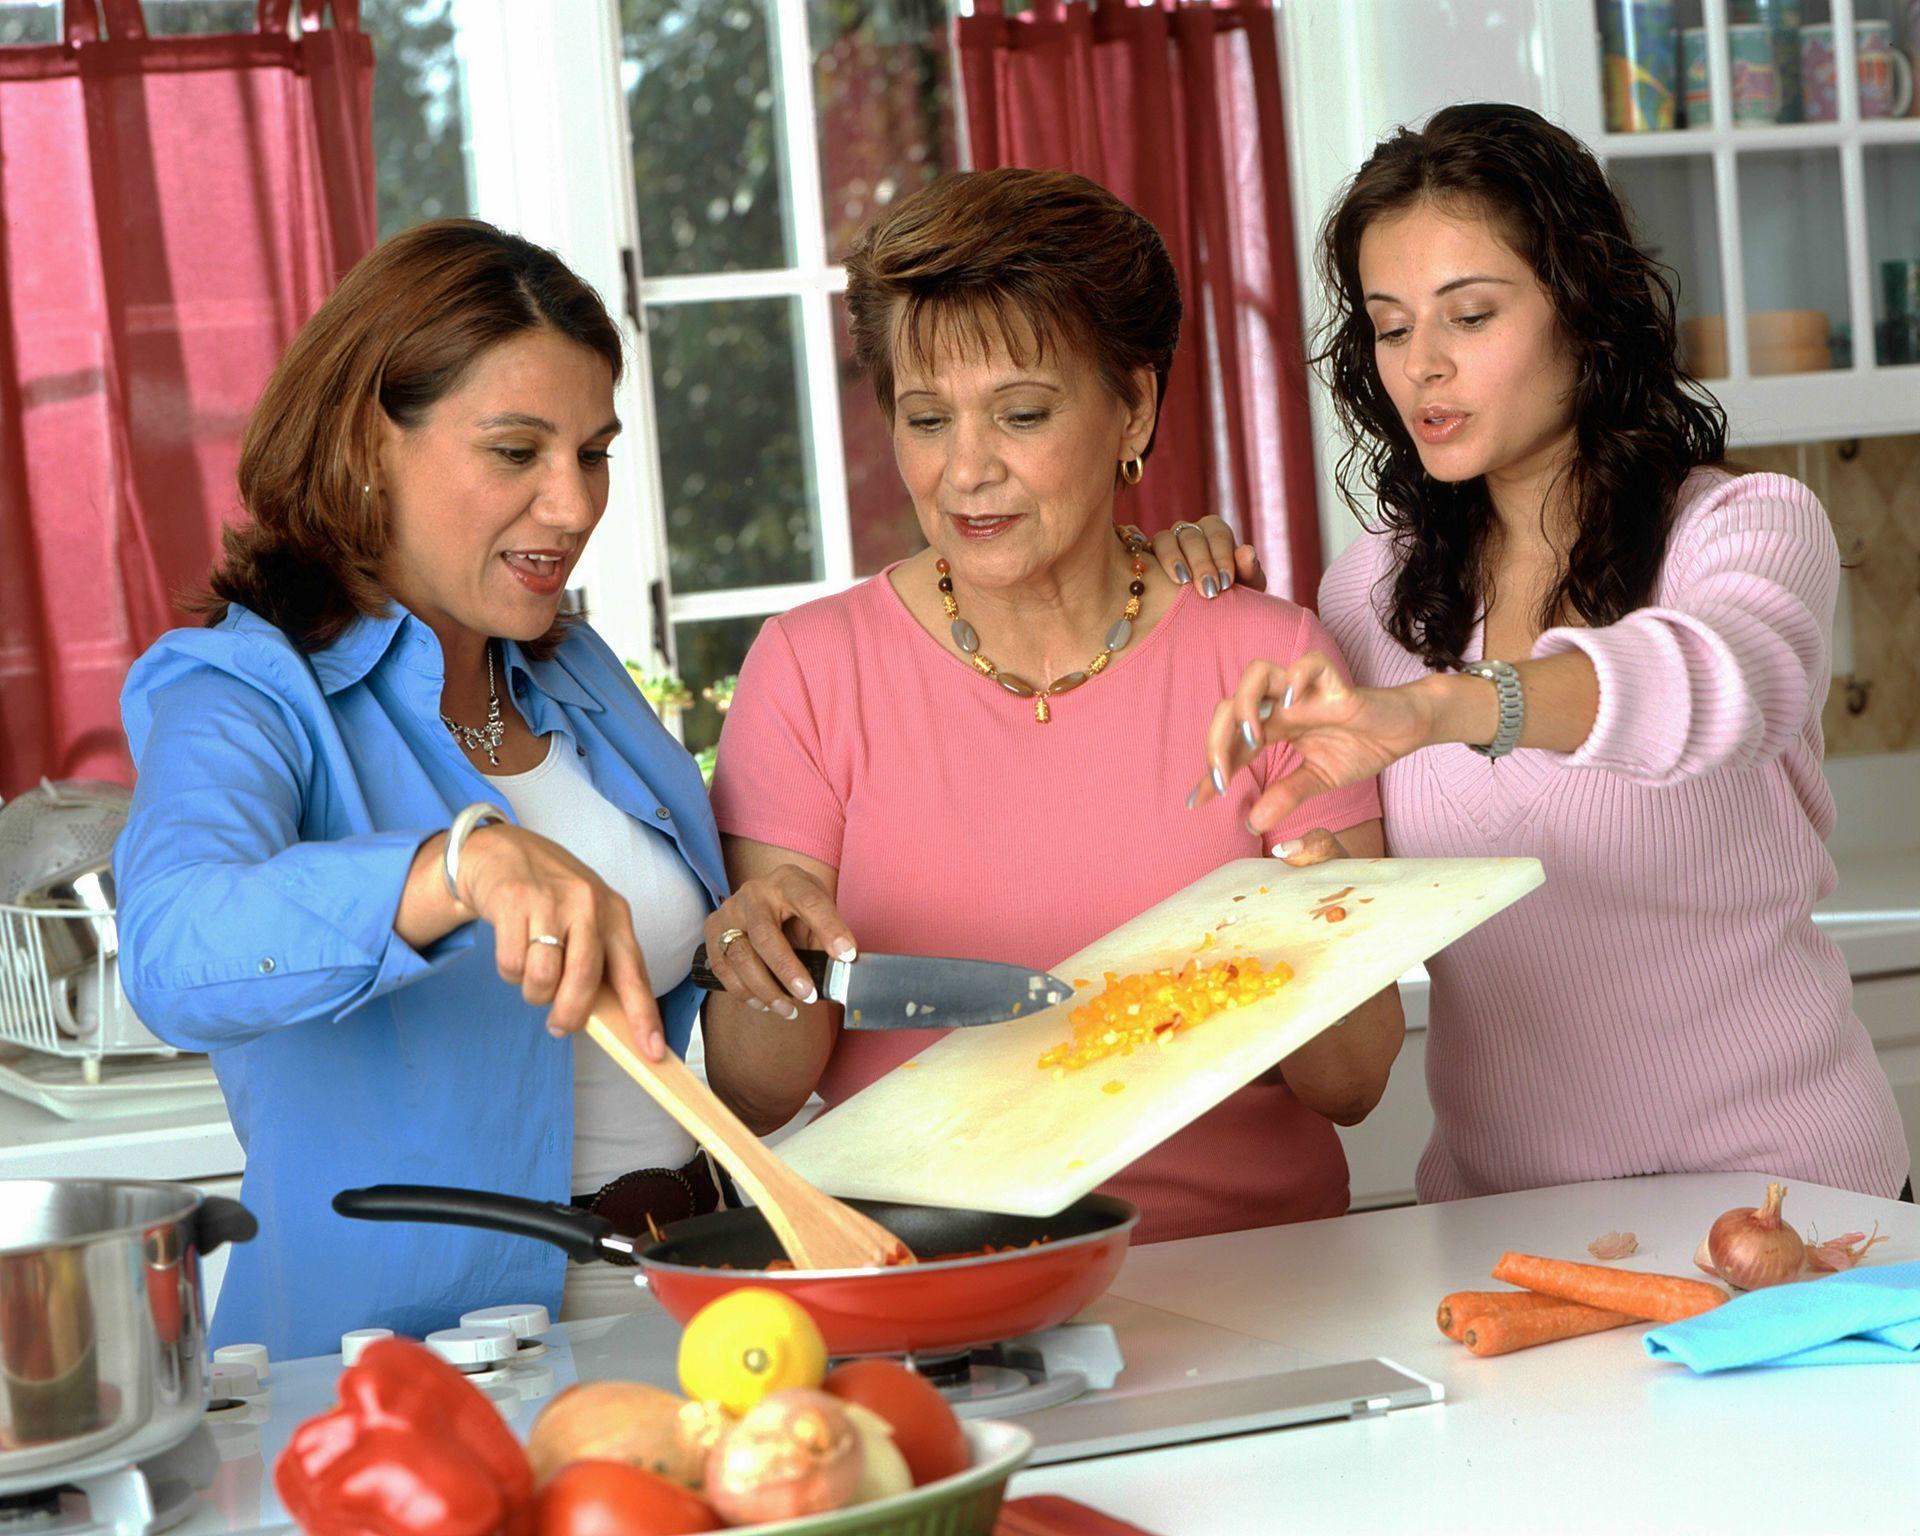 women_preparing_food_(2)-cooking